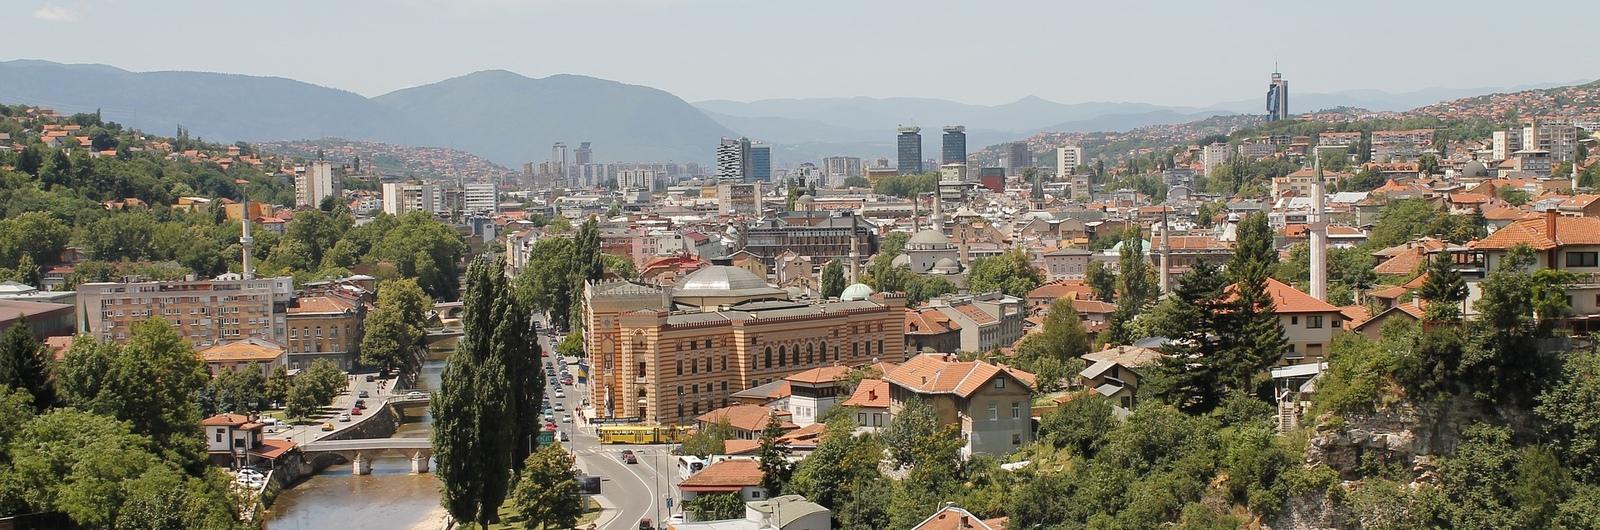 sarajevo city header1 1